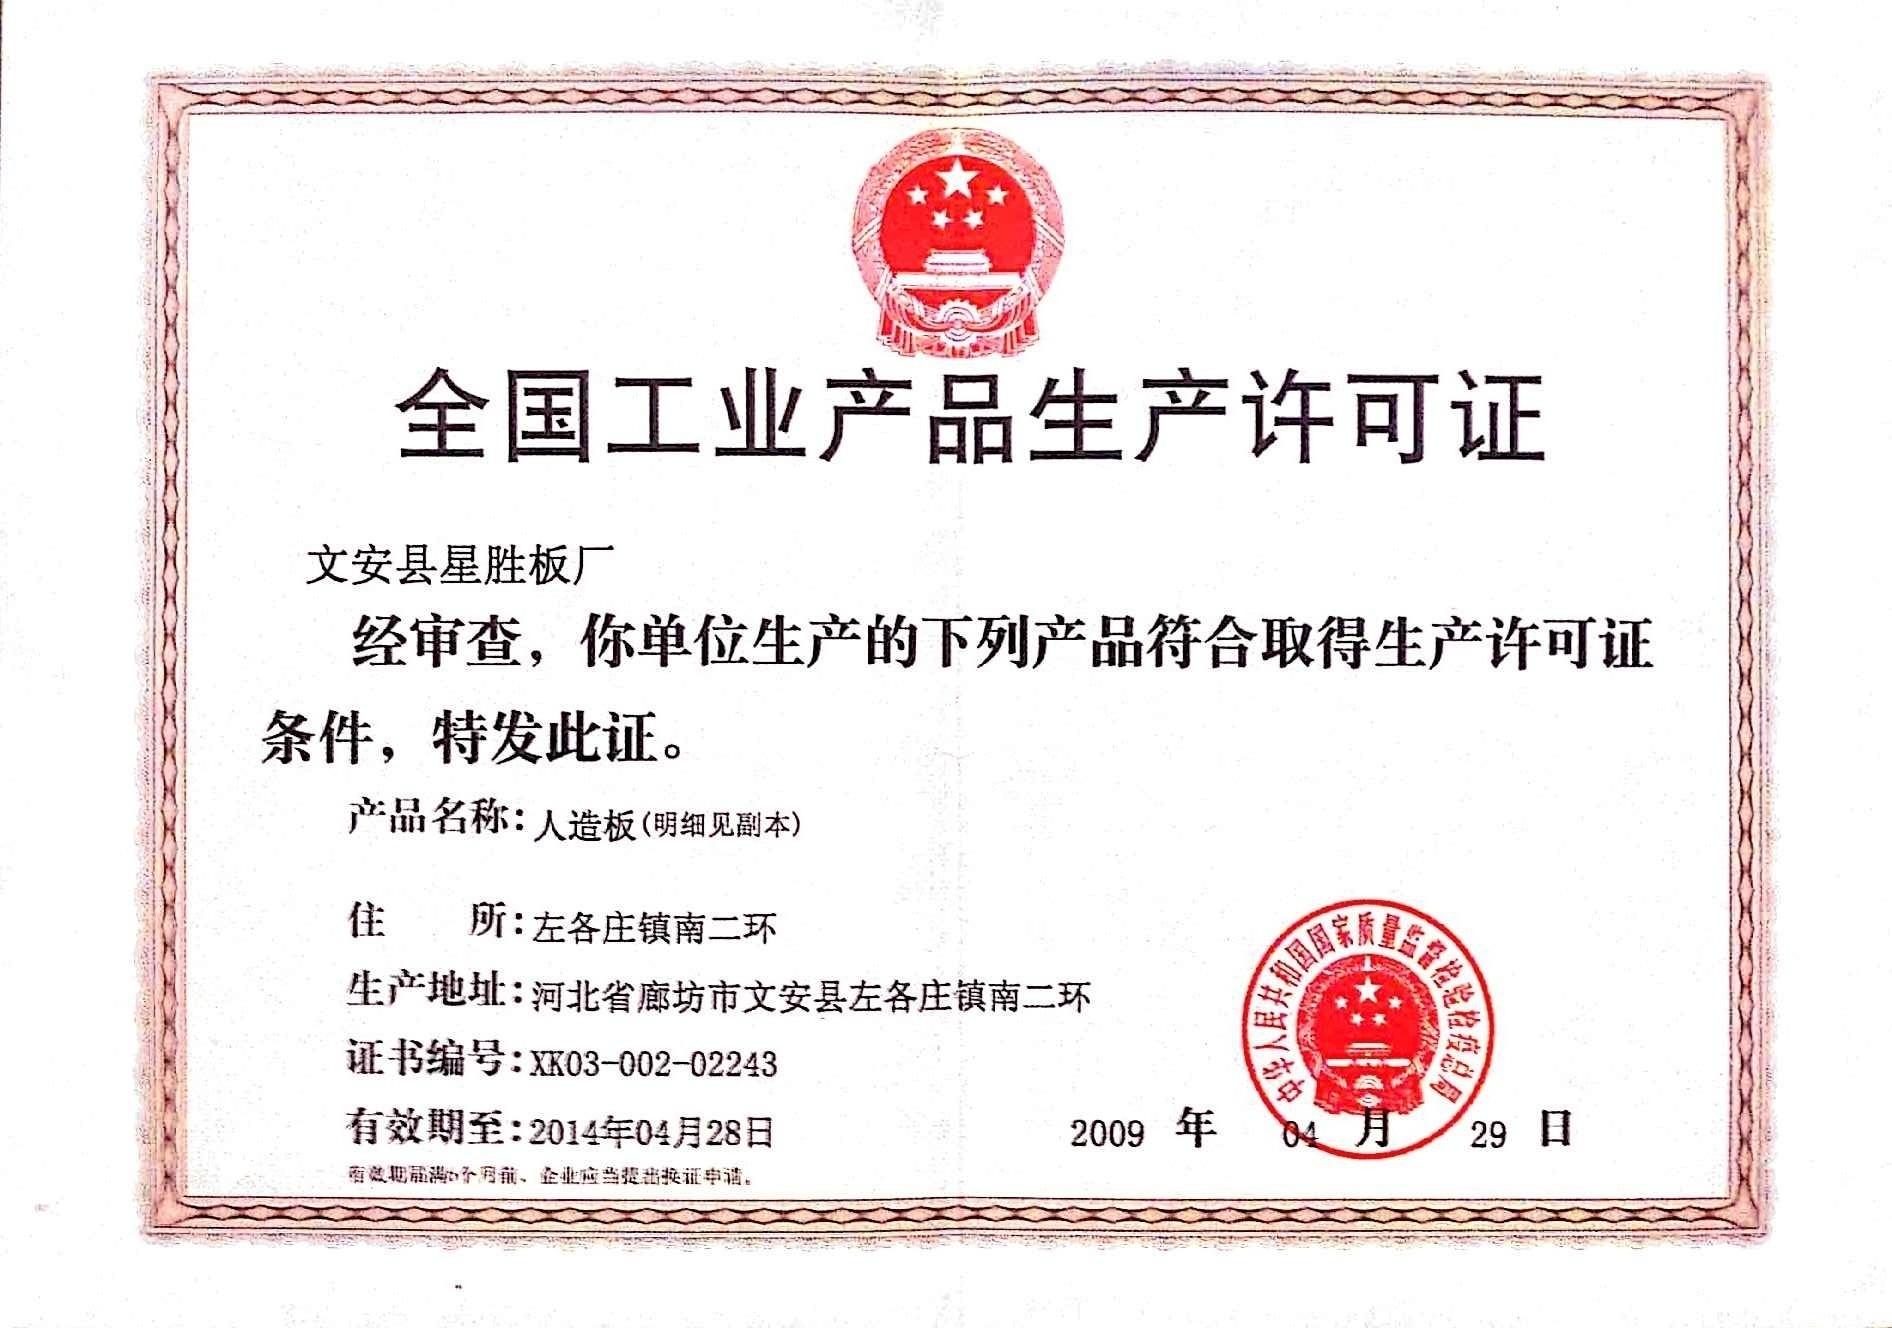 宜美康工业生产许可证